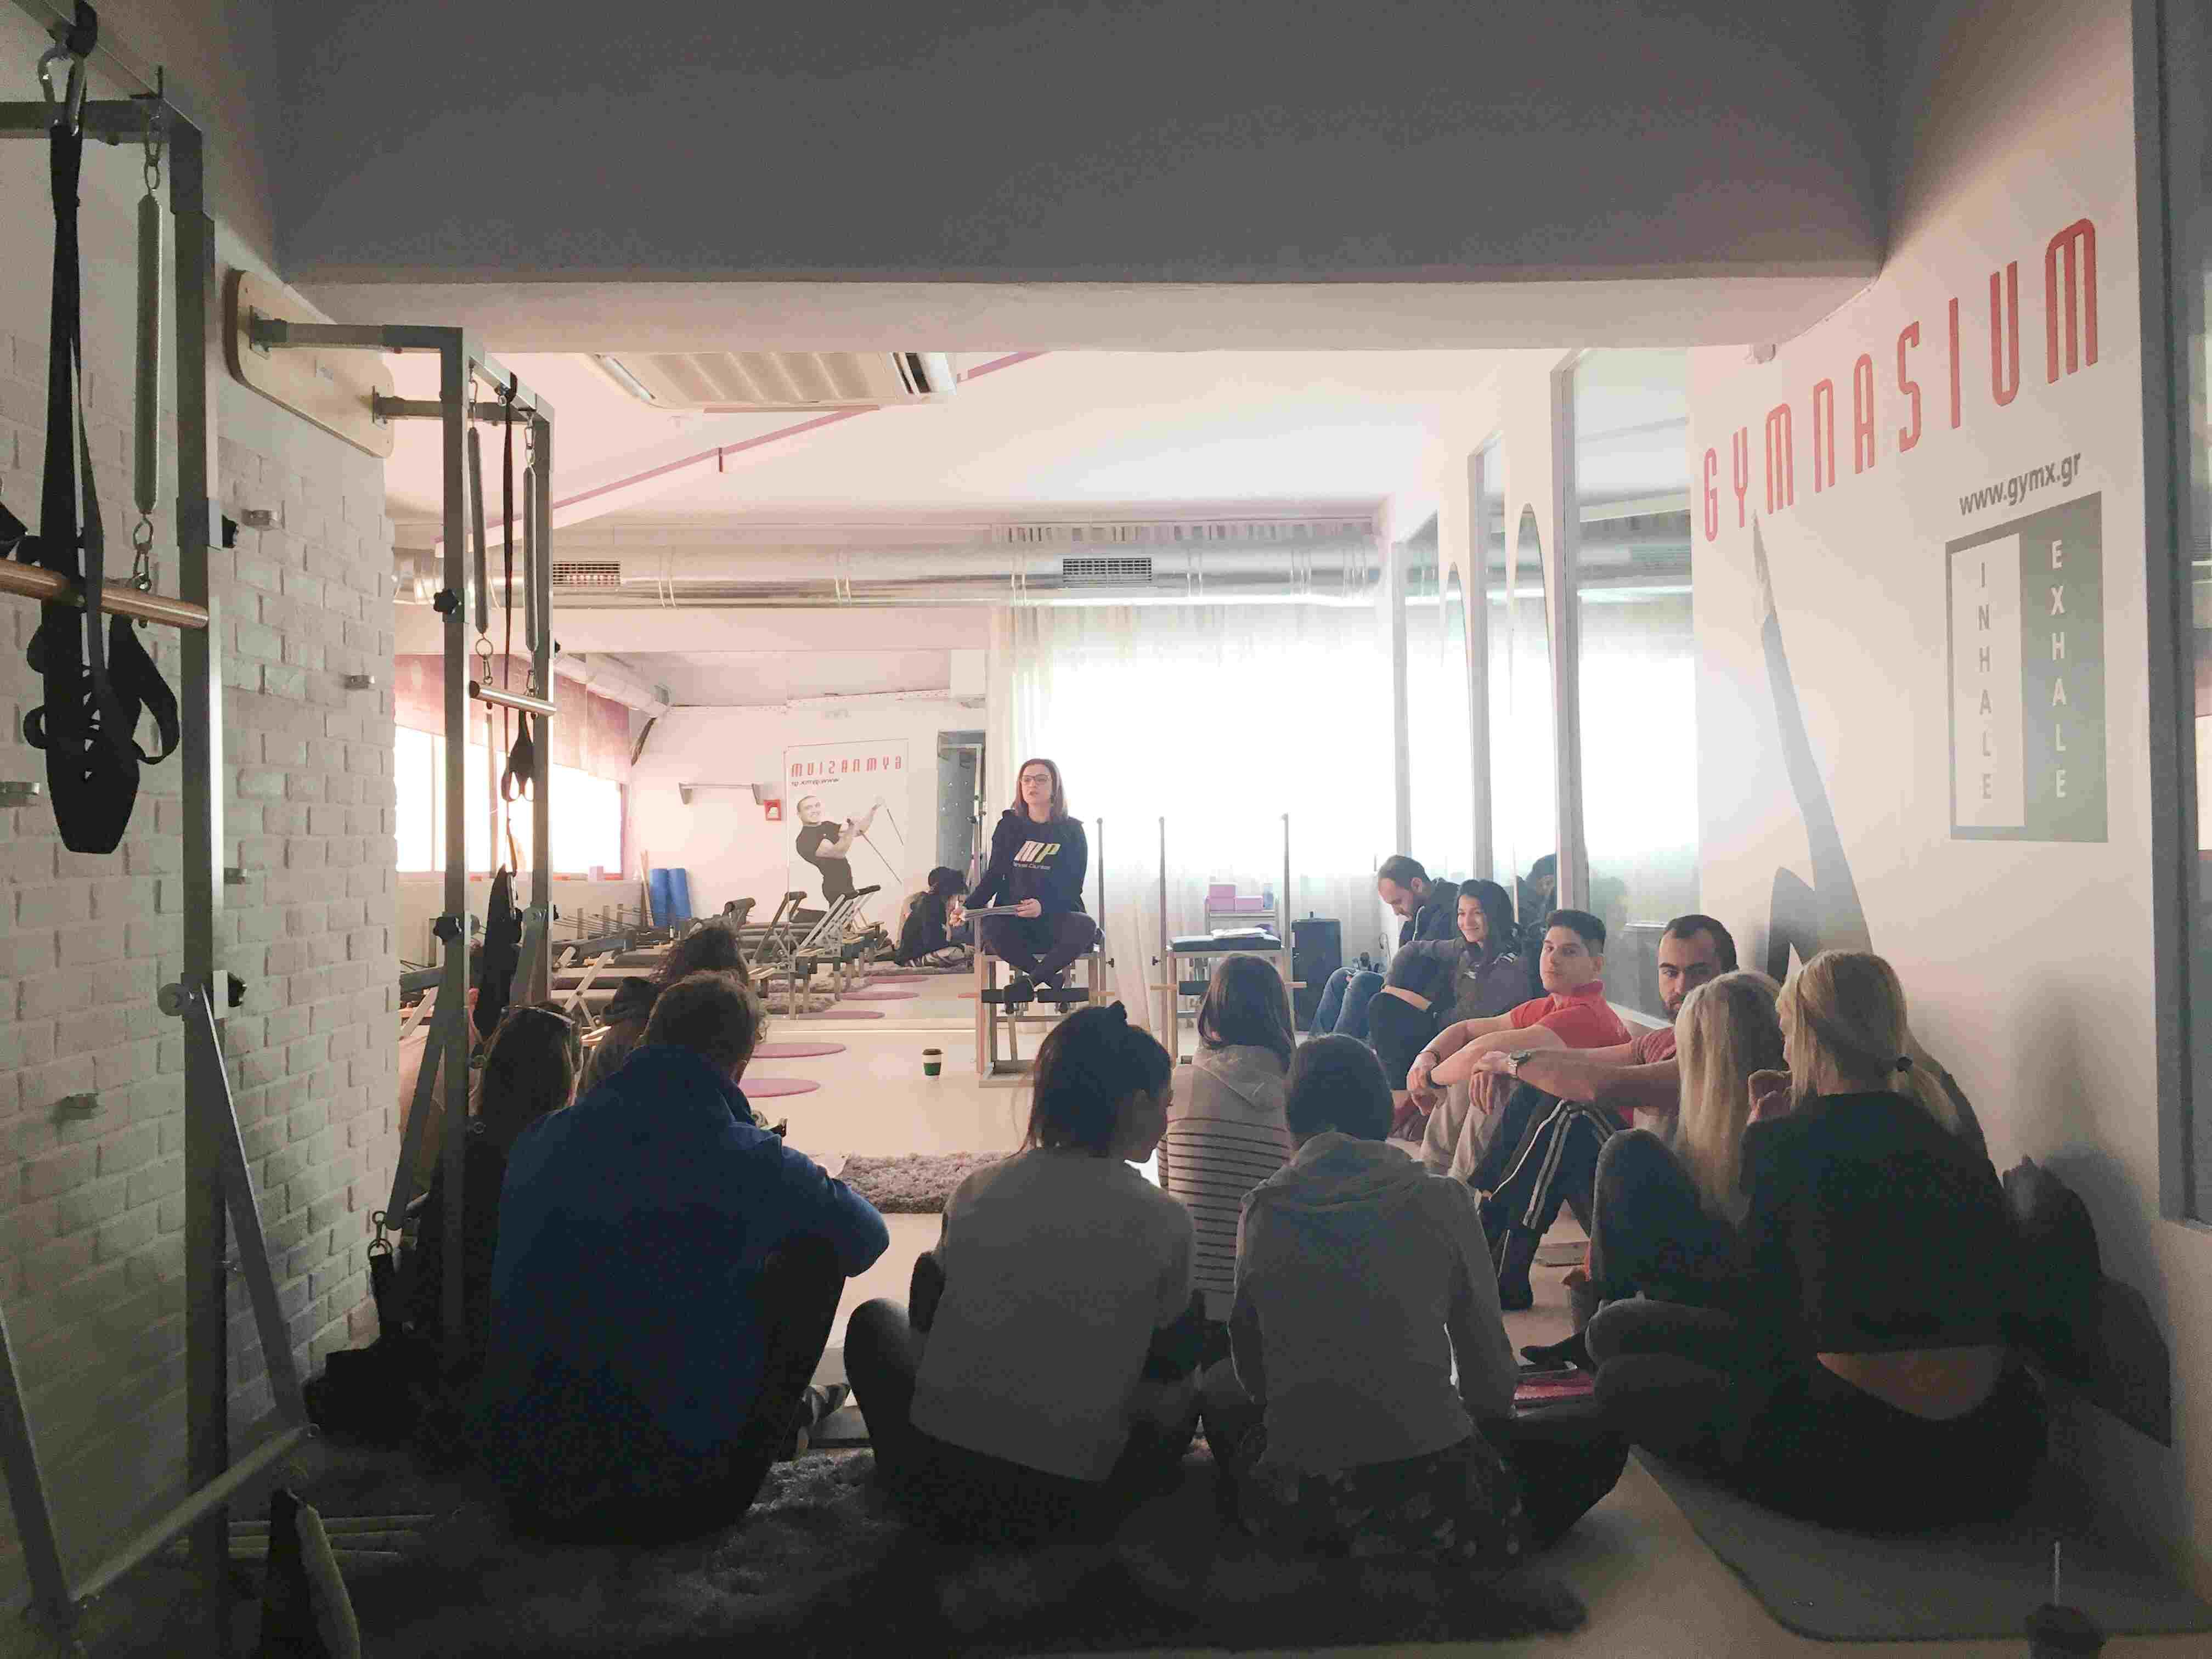 Εκπαίδευση pilates για το δίκτυο γυμναστηρίων Gymnasium